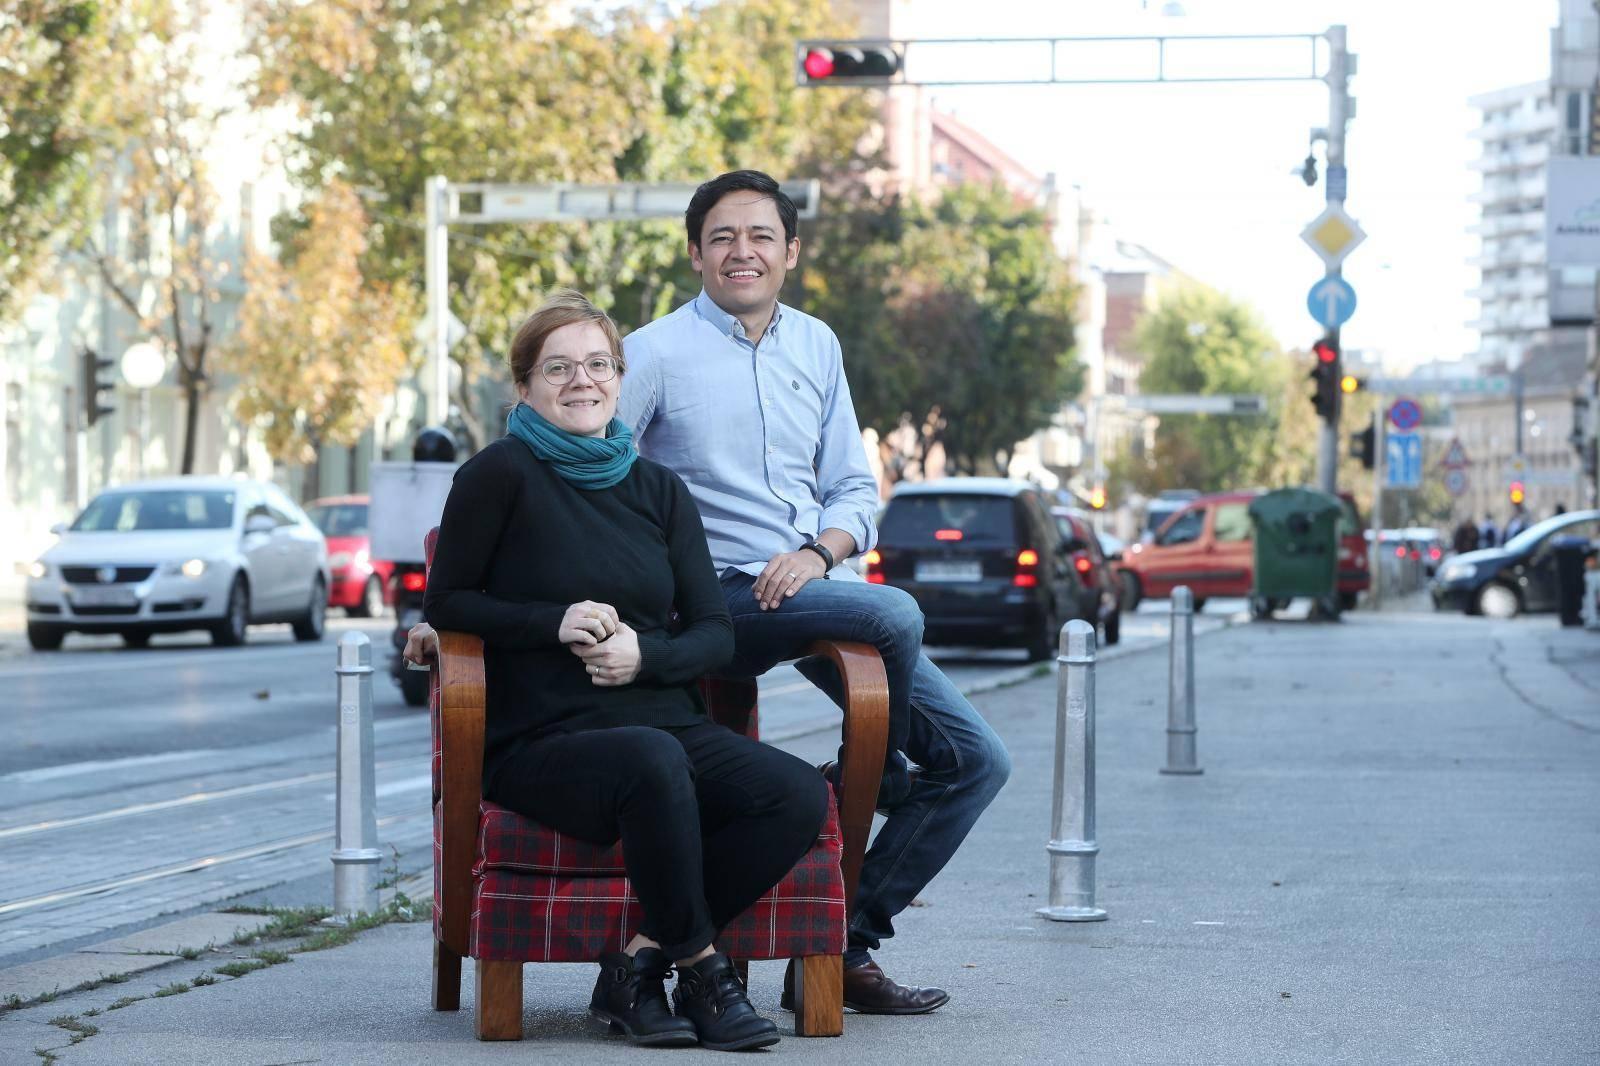 Spojili su ljubav i posao: Bolje nam je u Zagrebu no u Meksiku